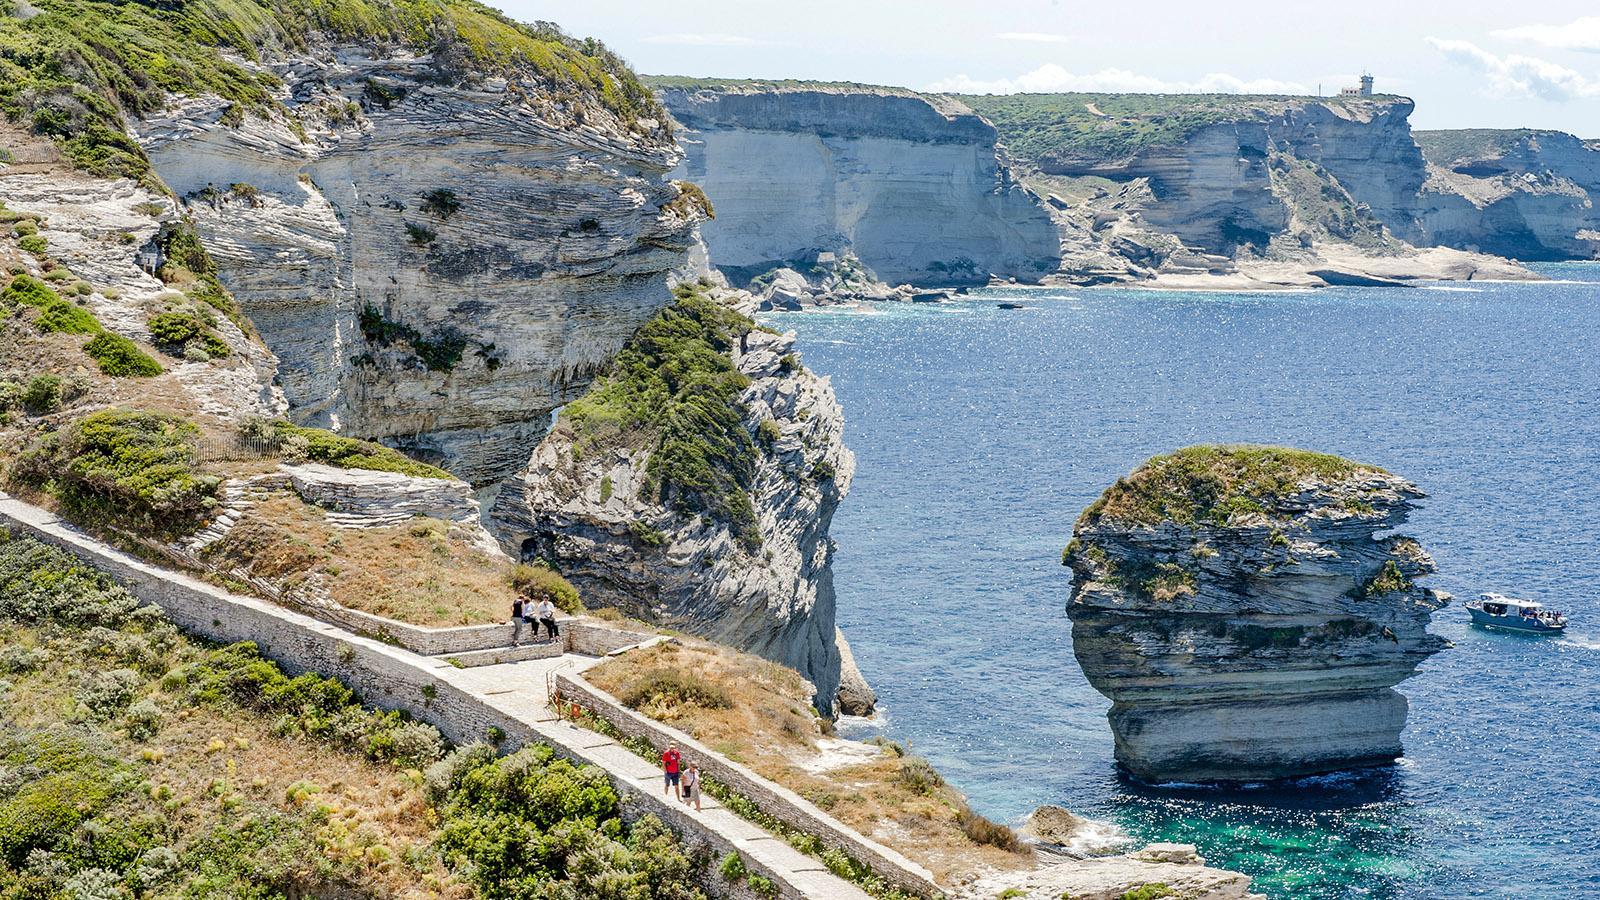 Bonifacio: Blick vom Aufstieg zur Ville Haute auf die Steilküste. Foto: Hilke Maunder